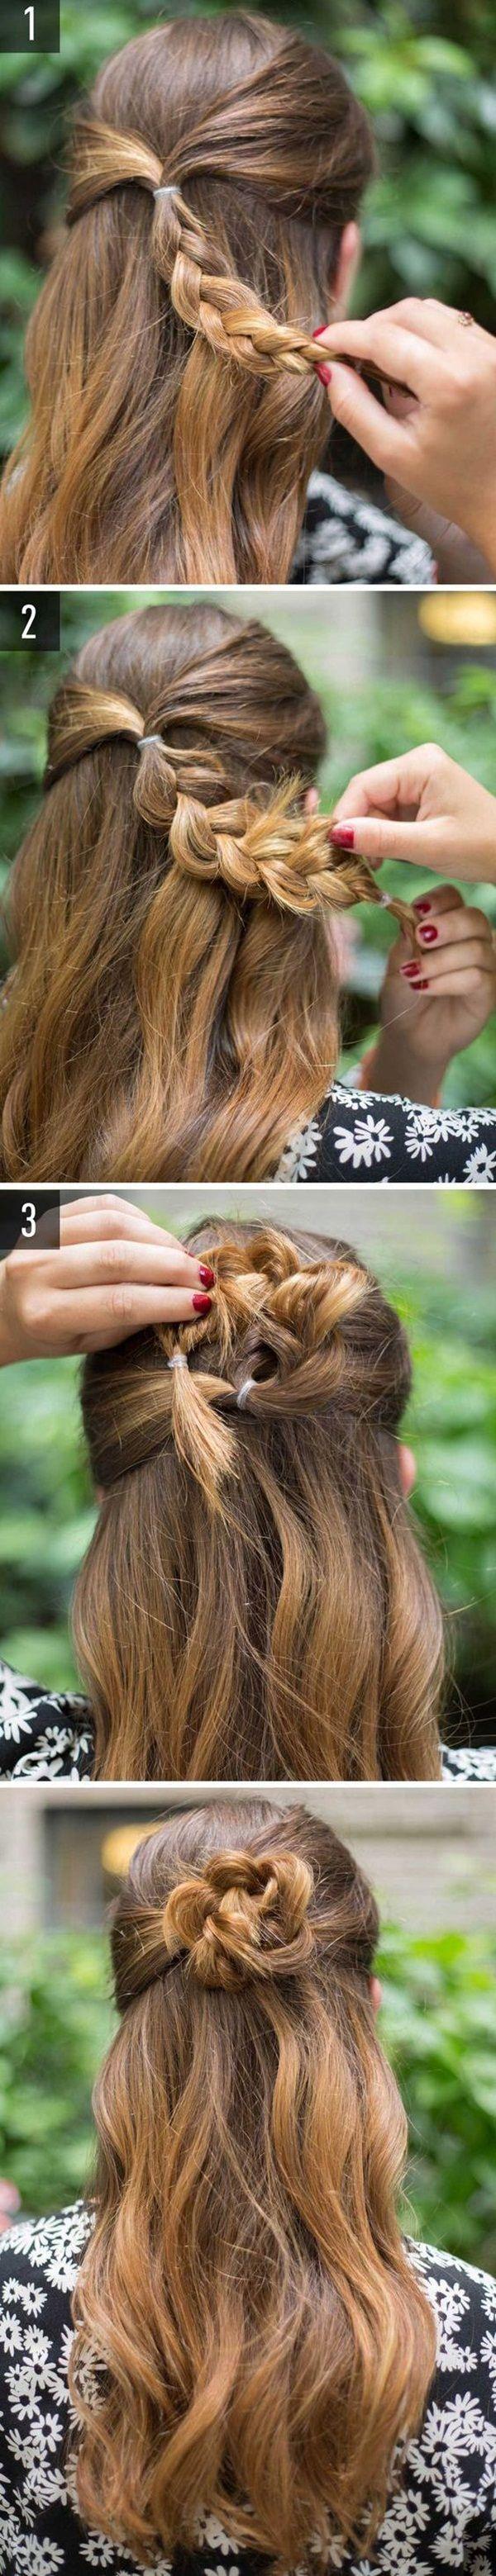 Simple Teen Hairstyles 68